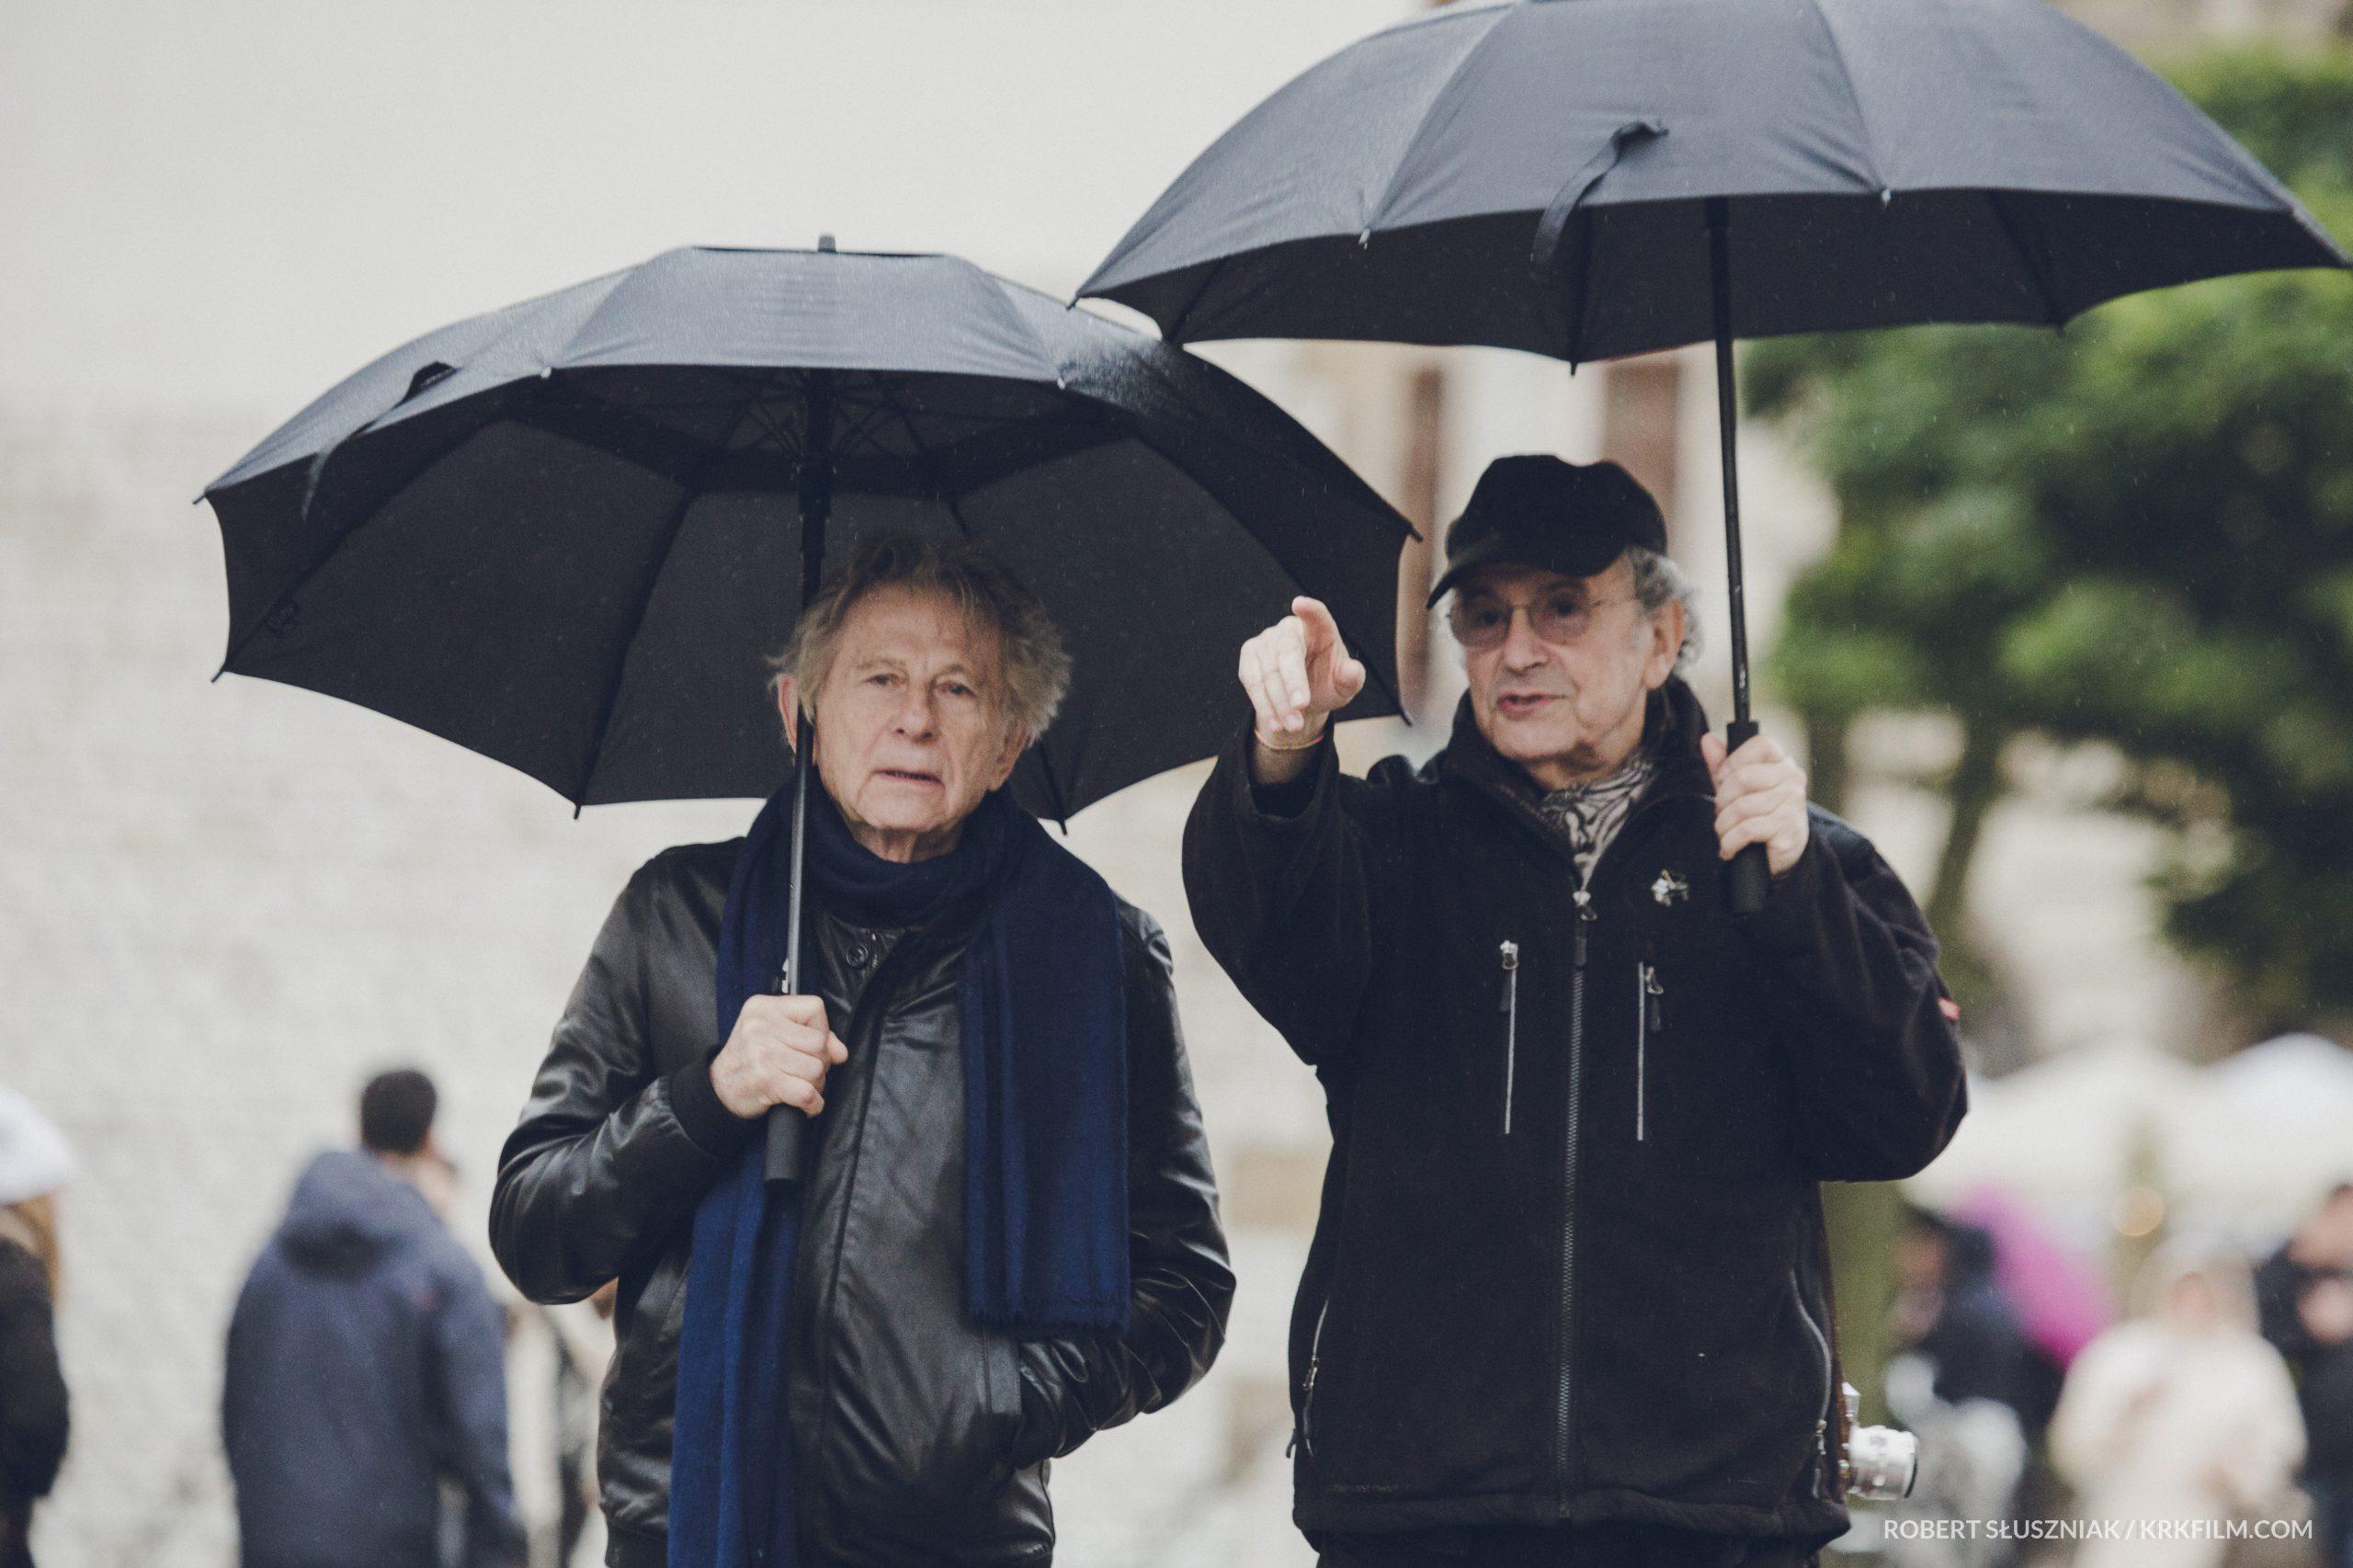 Reżyser Polański i fotograf Horowitz na drodze z parasolami